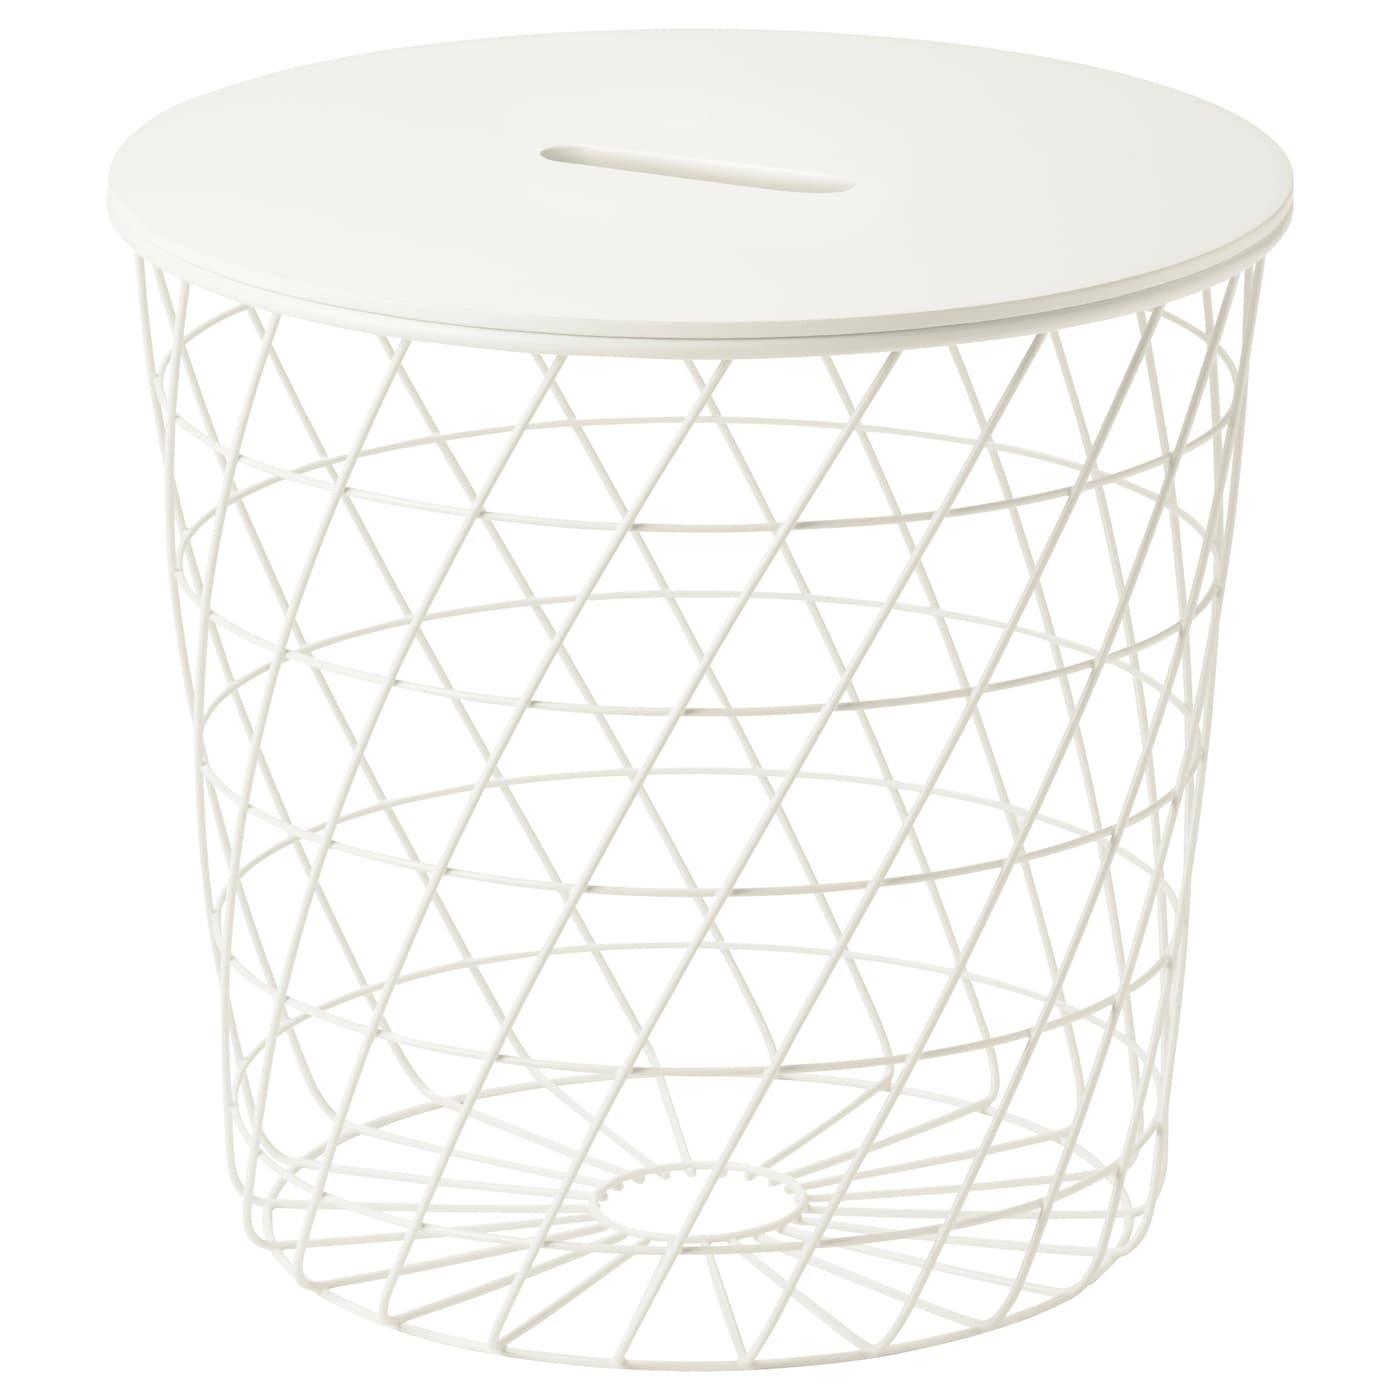 IKEA KVISTBRO biały stolik z miejscem do przechowywania, średnica 44 cm